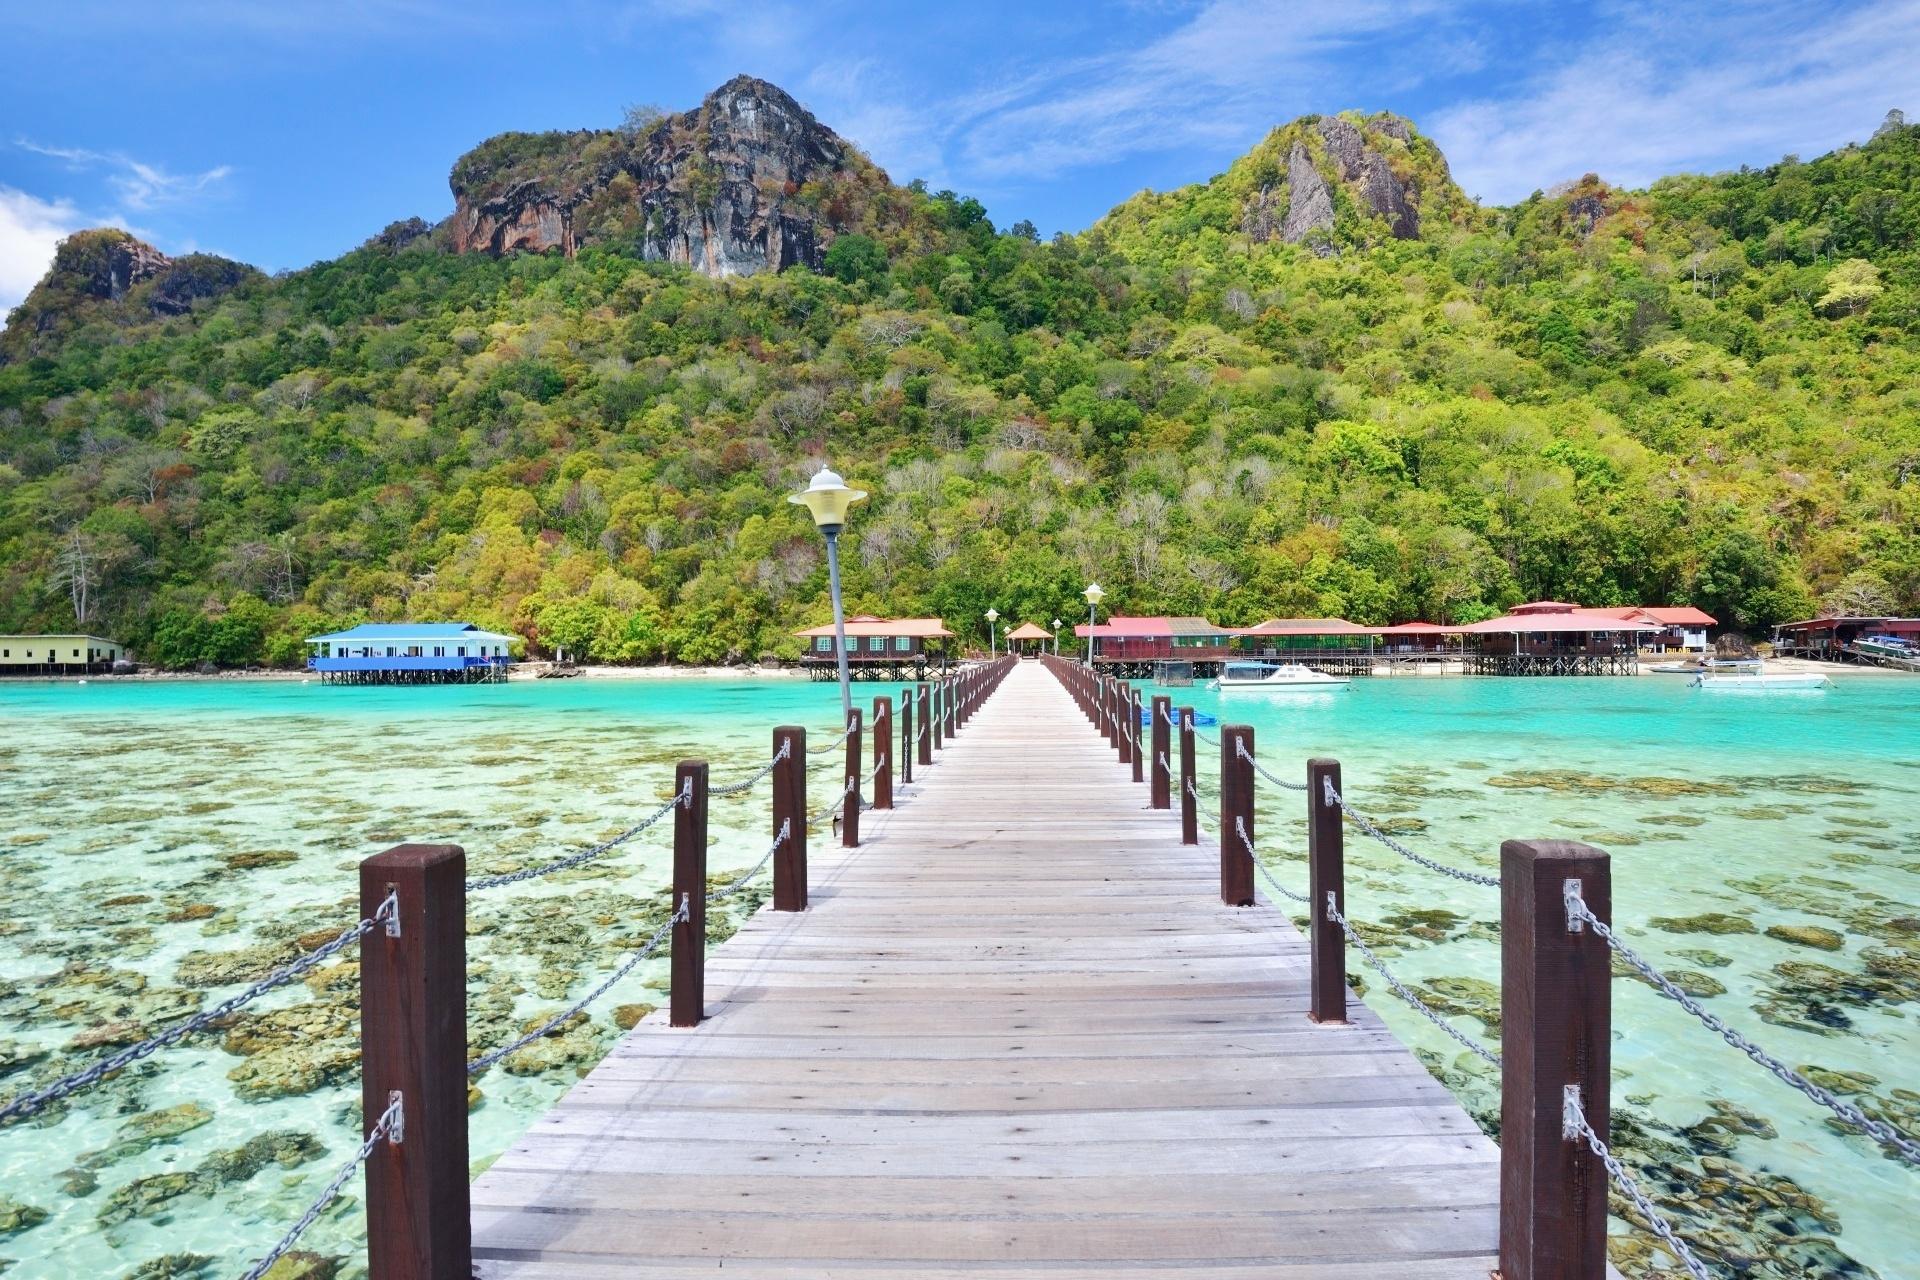 マレーシア ボヘイデュラン島